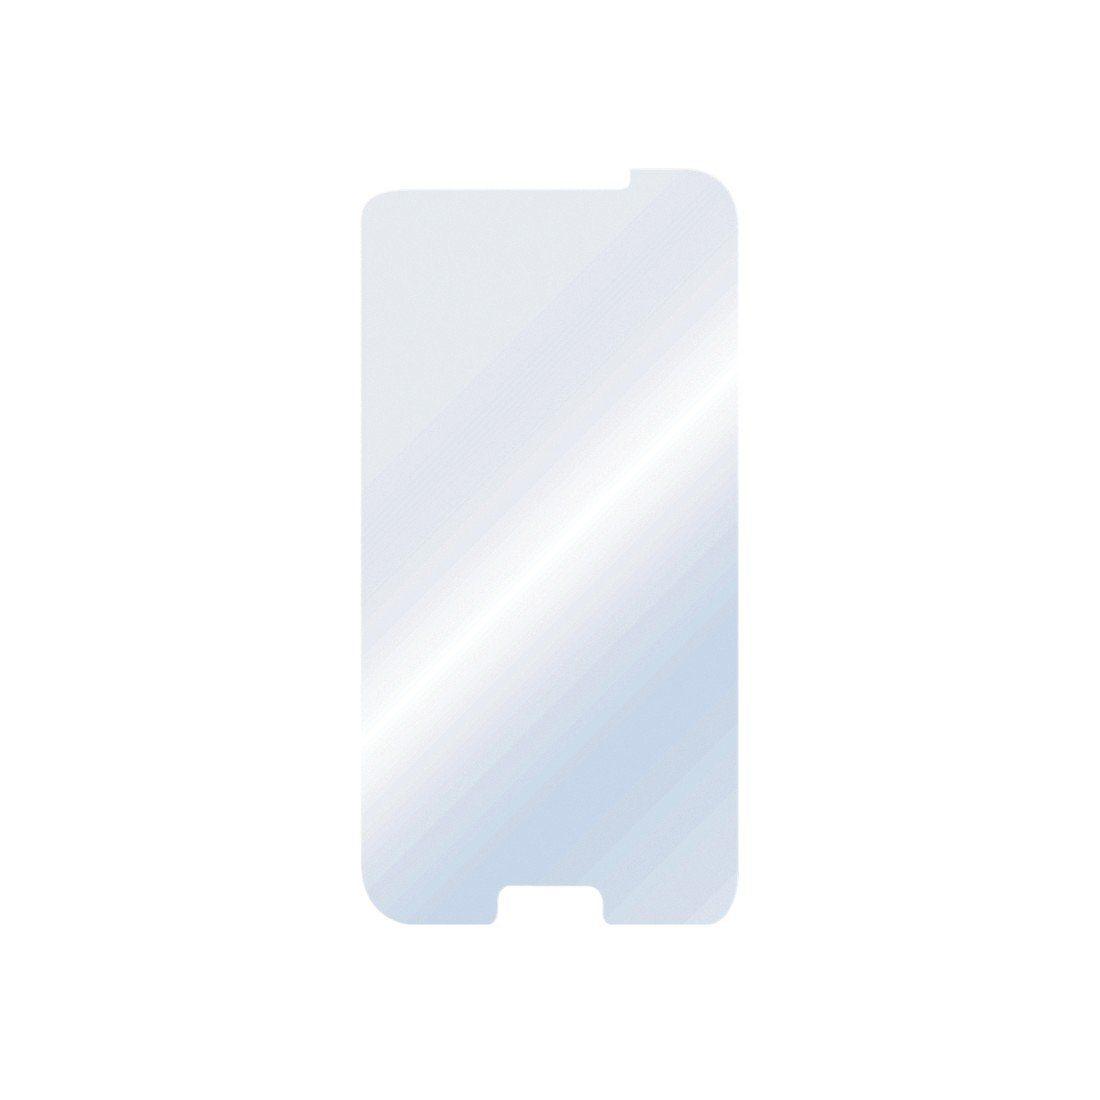 Hama ProClass Schutzfolie für Samsung Galaxy S 4